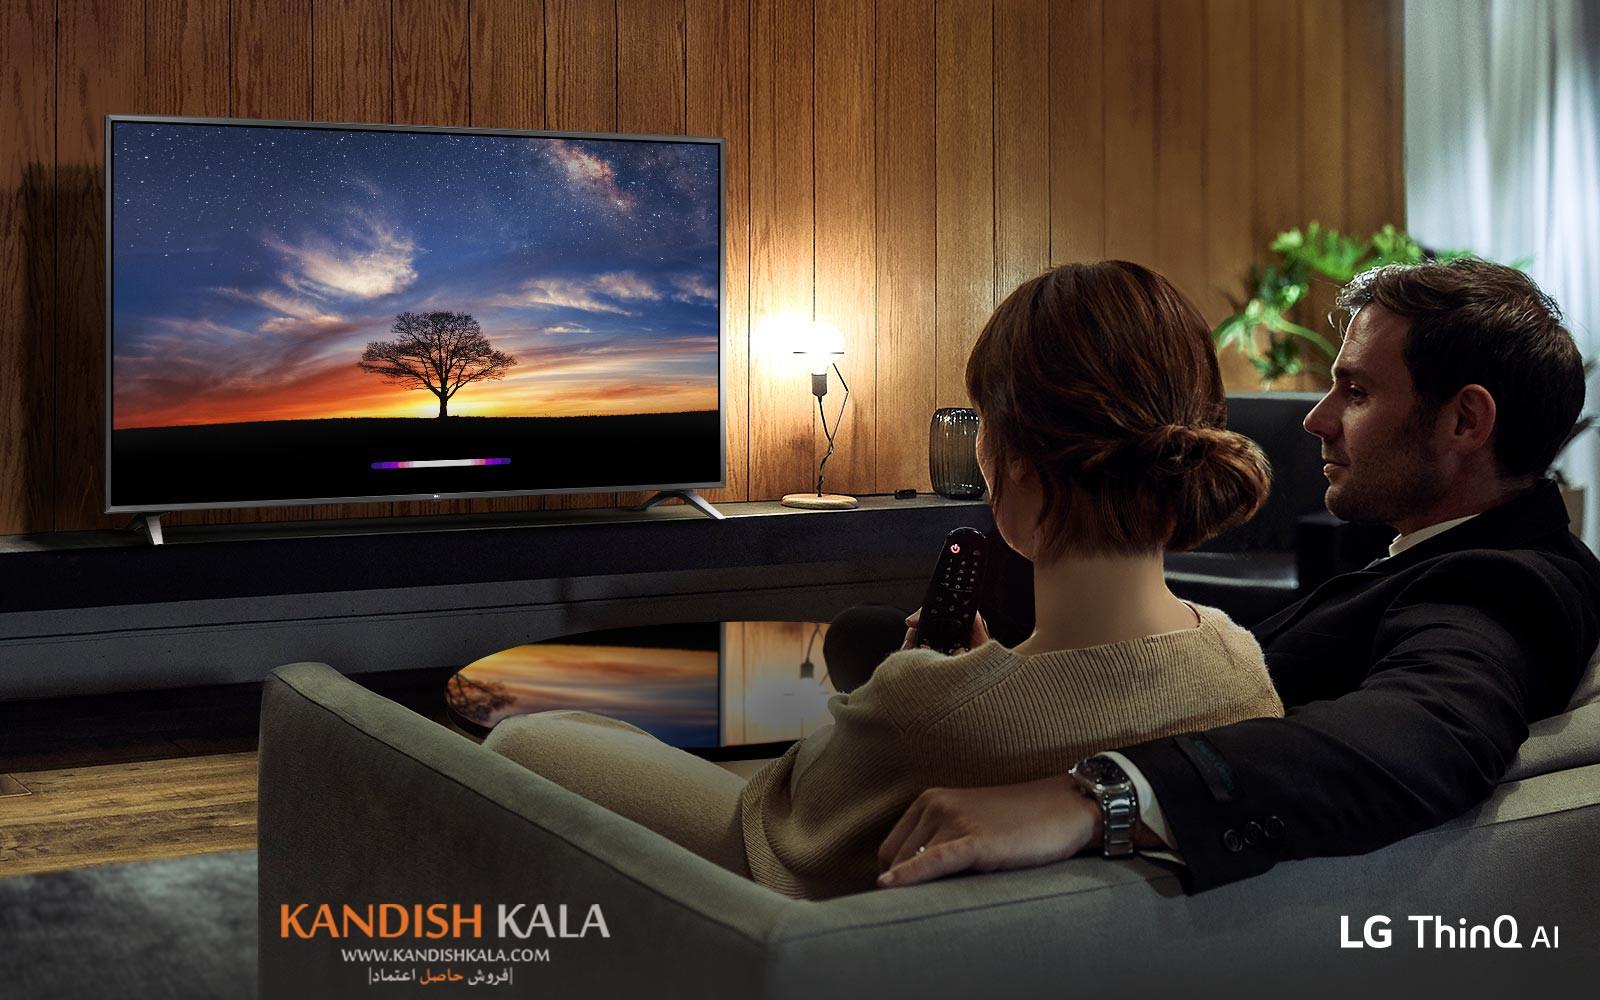 قیمت تلویزیون 49 ال جی مدل 49UM7340